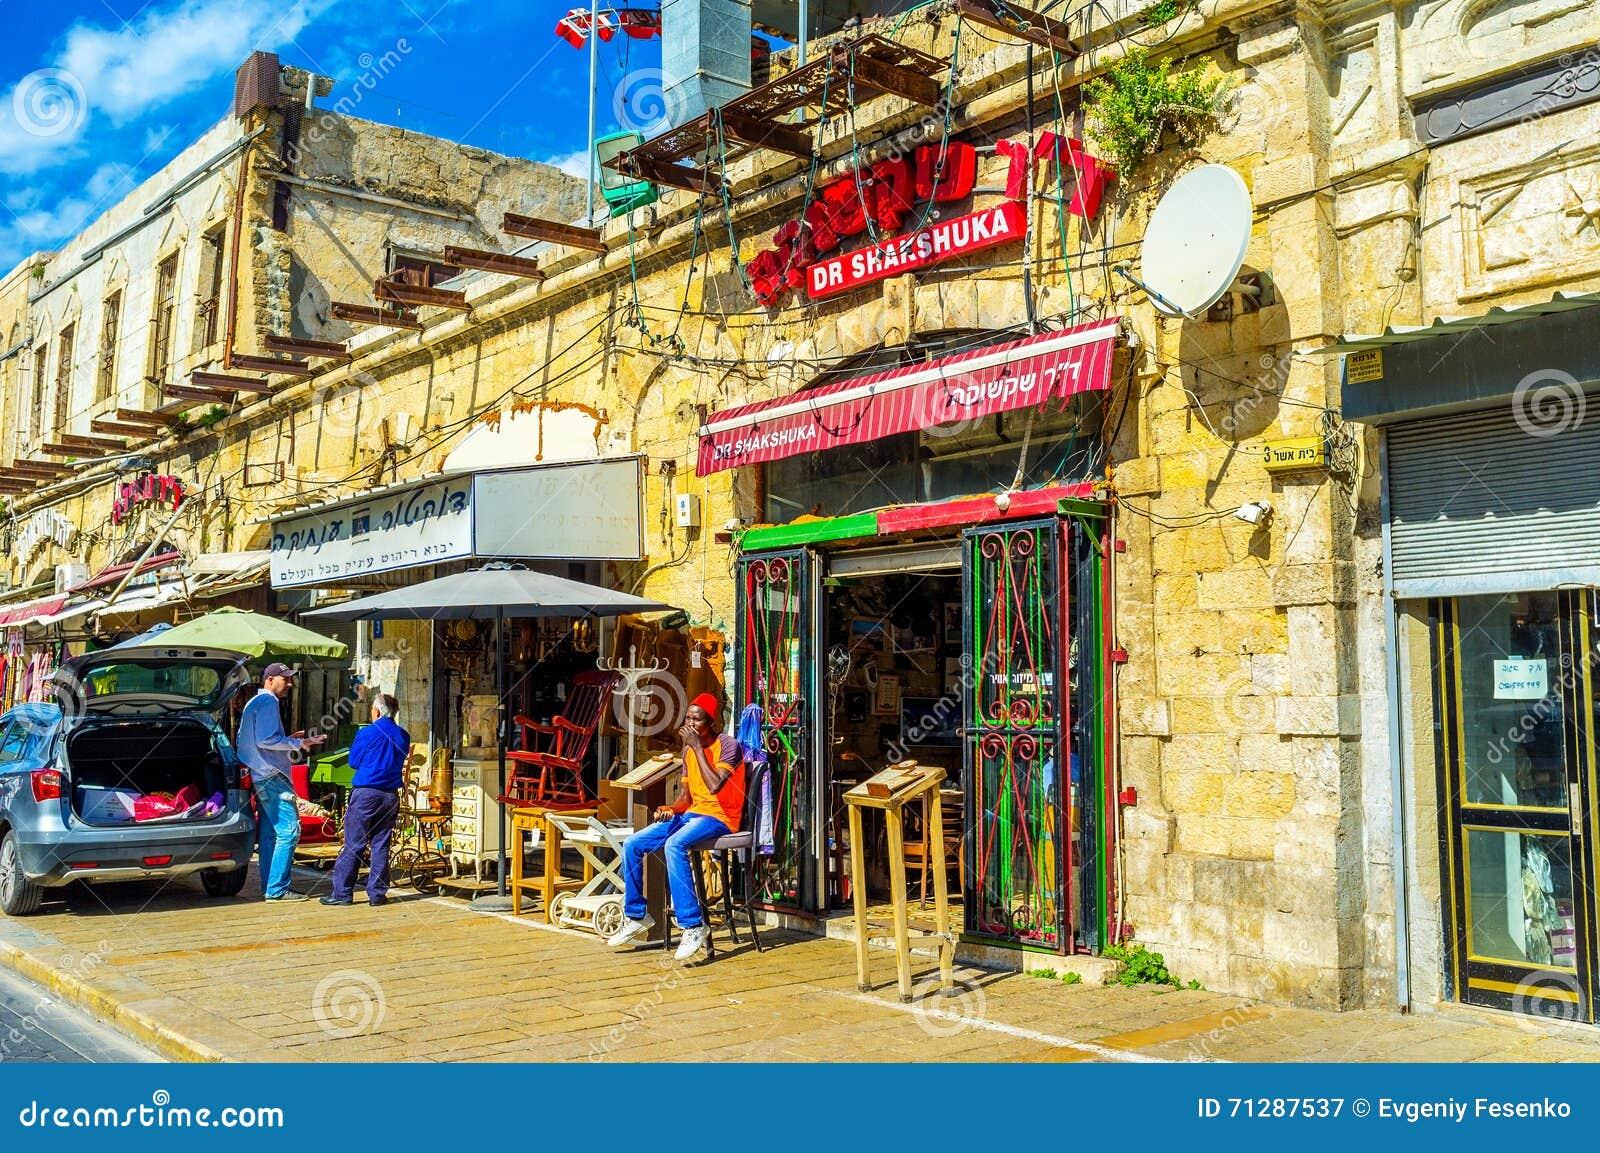 die israelische küche redaktionelles stockfotografie - bild: 71287537